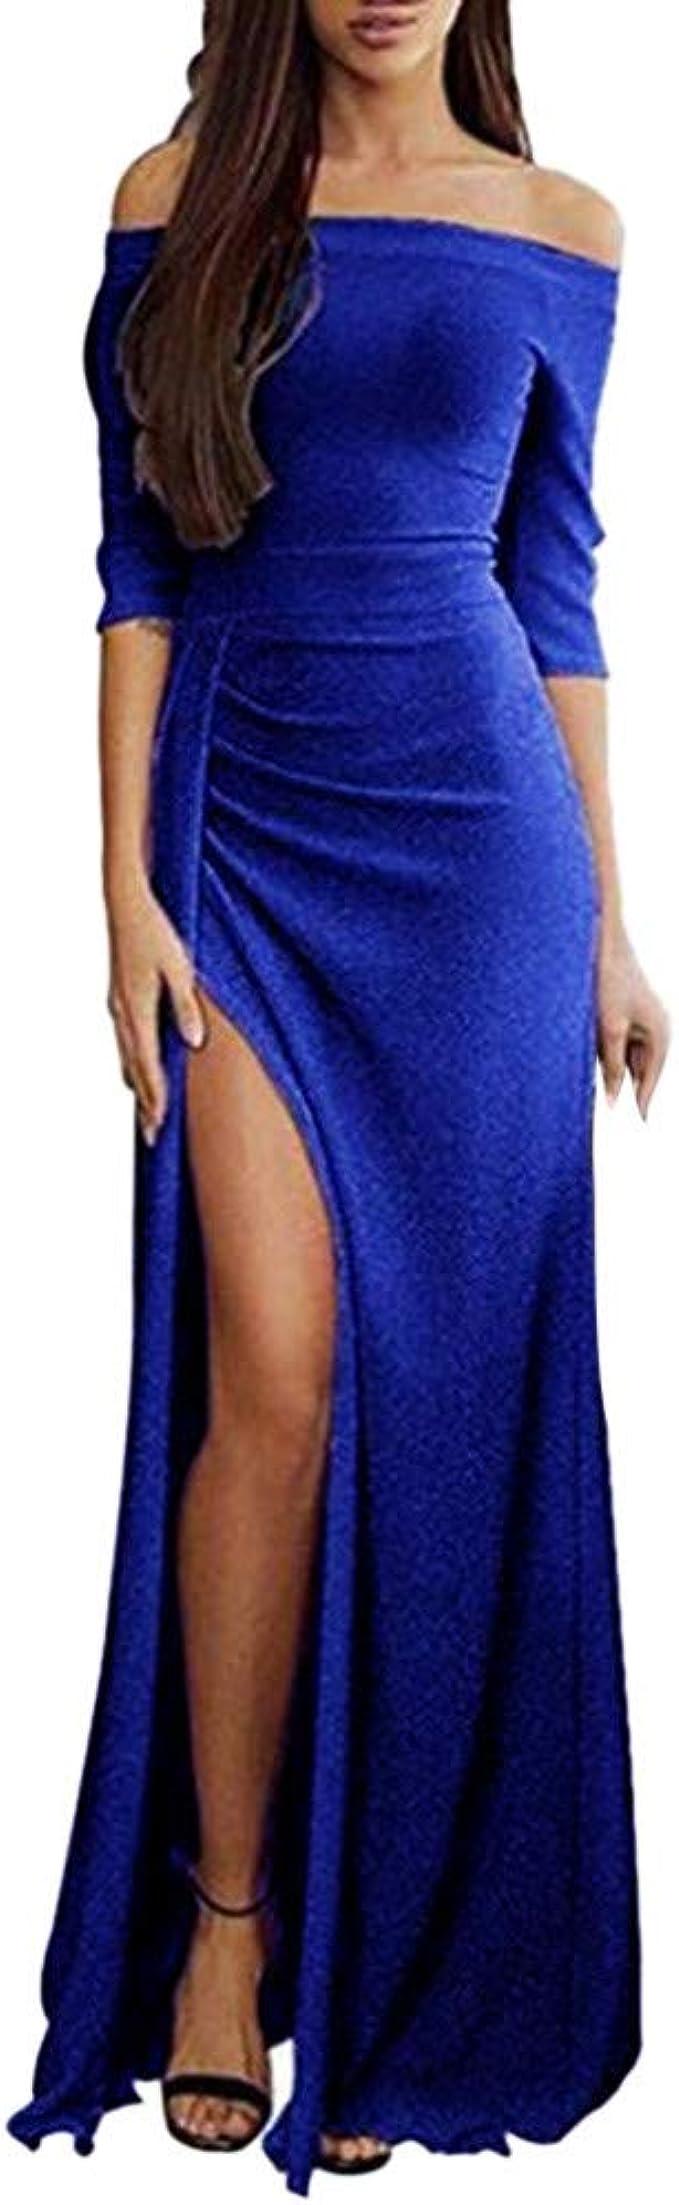 CICIYONER Damen Einteilige Tasche Hüfte Kleid Abendkleid offen